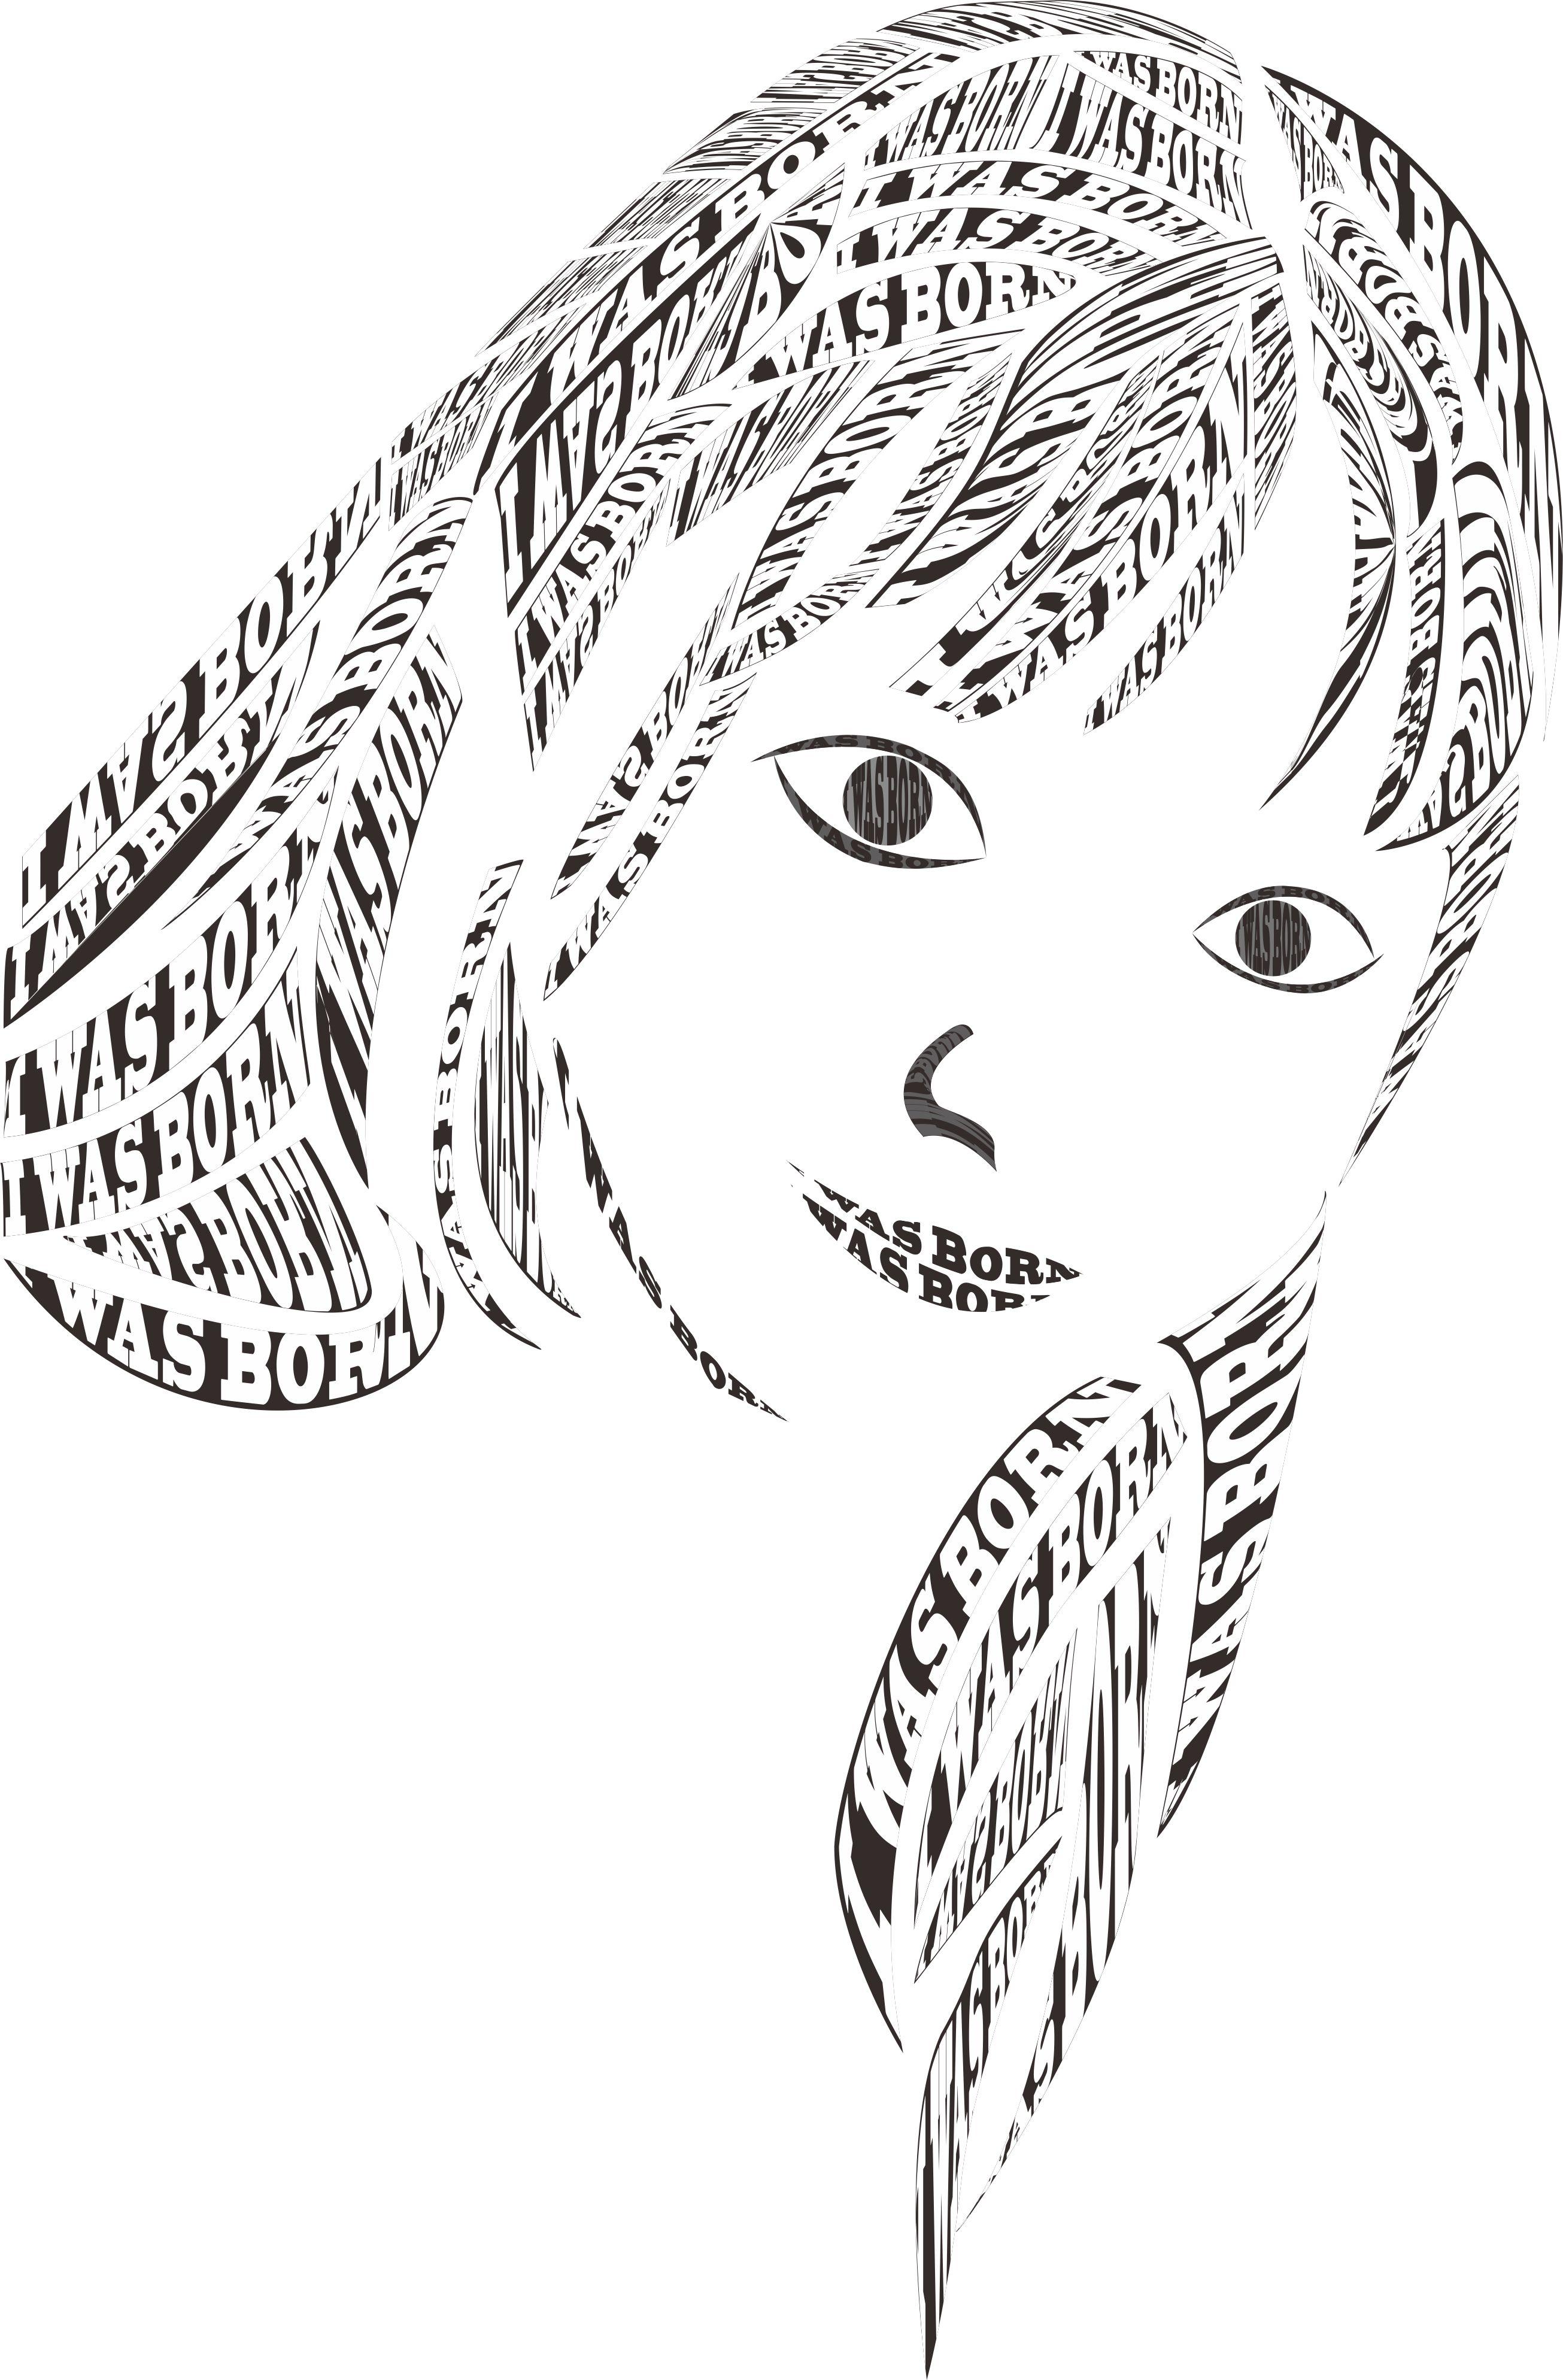 简笔画 手绘 线稿 2611_3975 竖版 竖屏